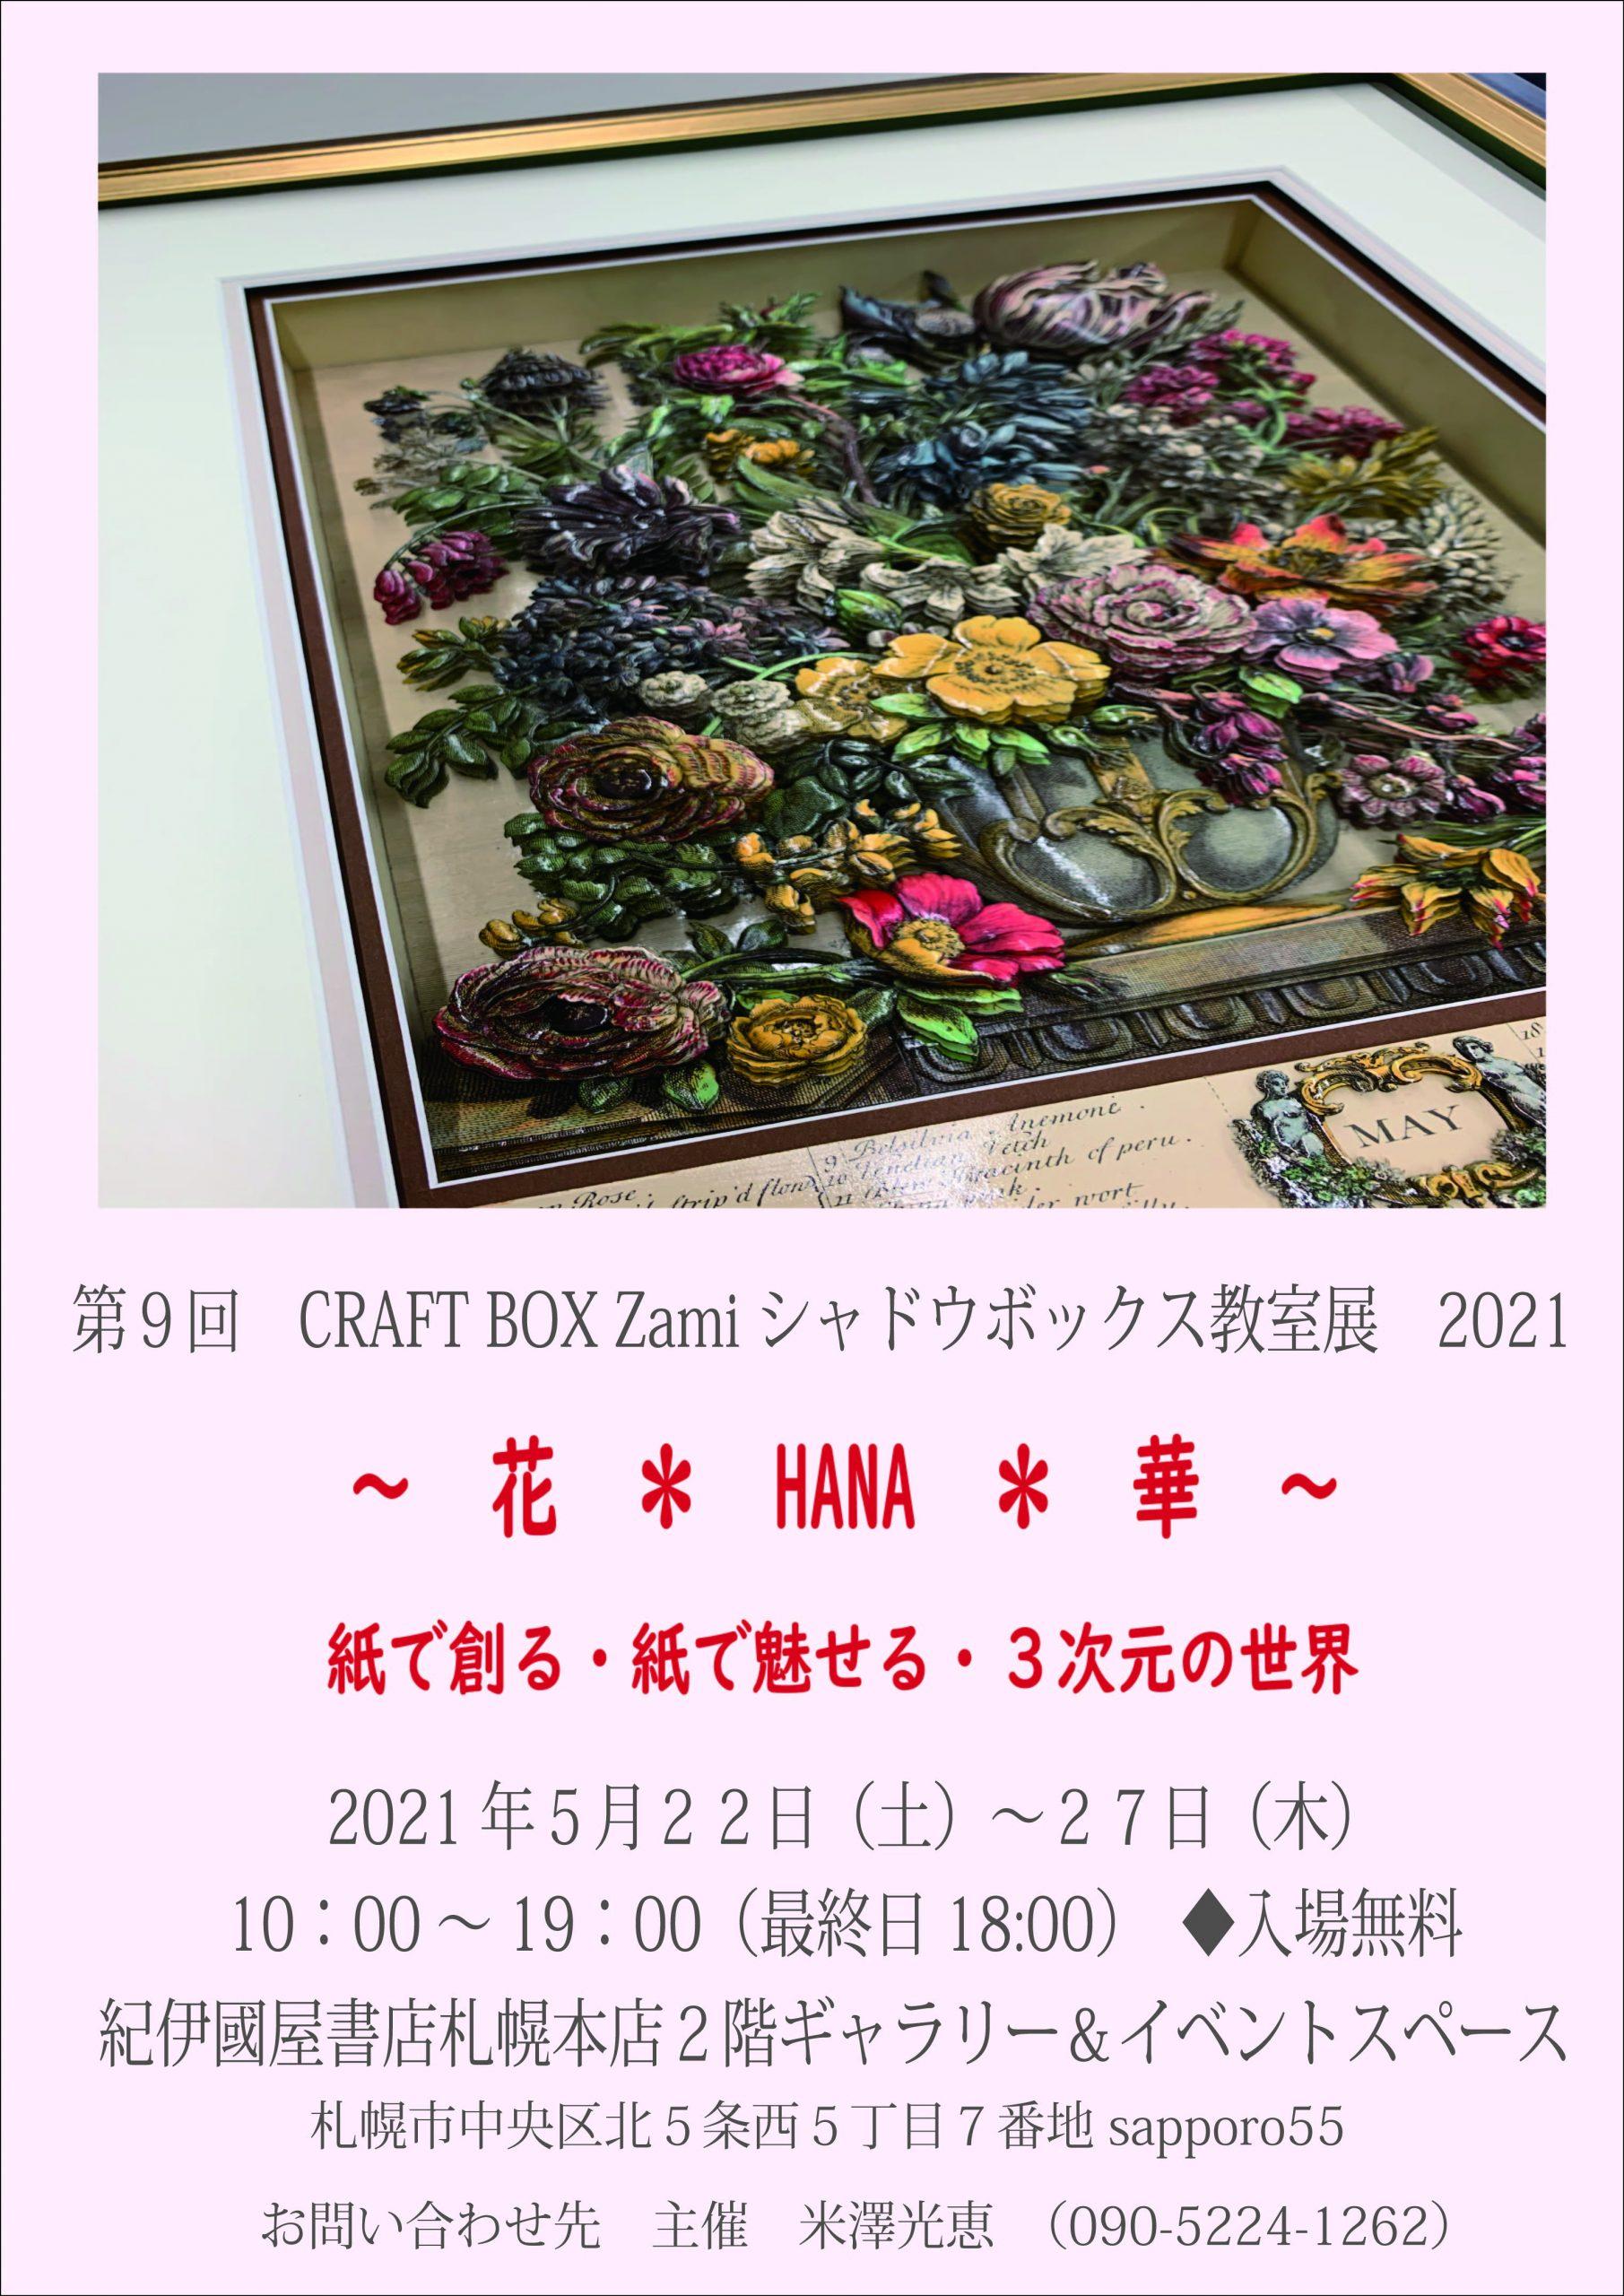 紀伊國屋書店:【イベント延期のお知らせ】CRAFT BOX Zami シャドウボックス教室展2021